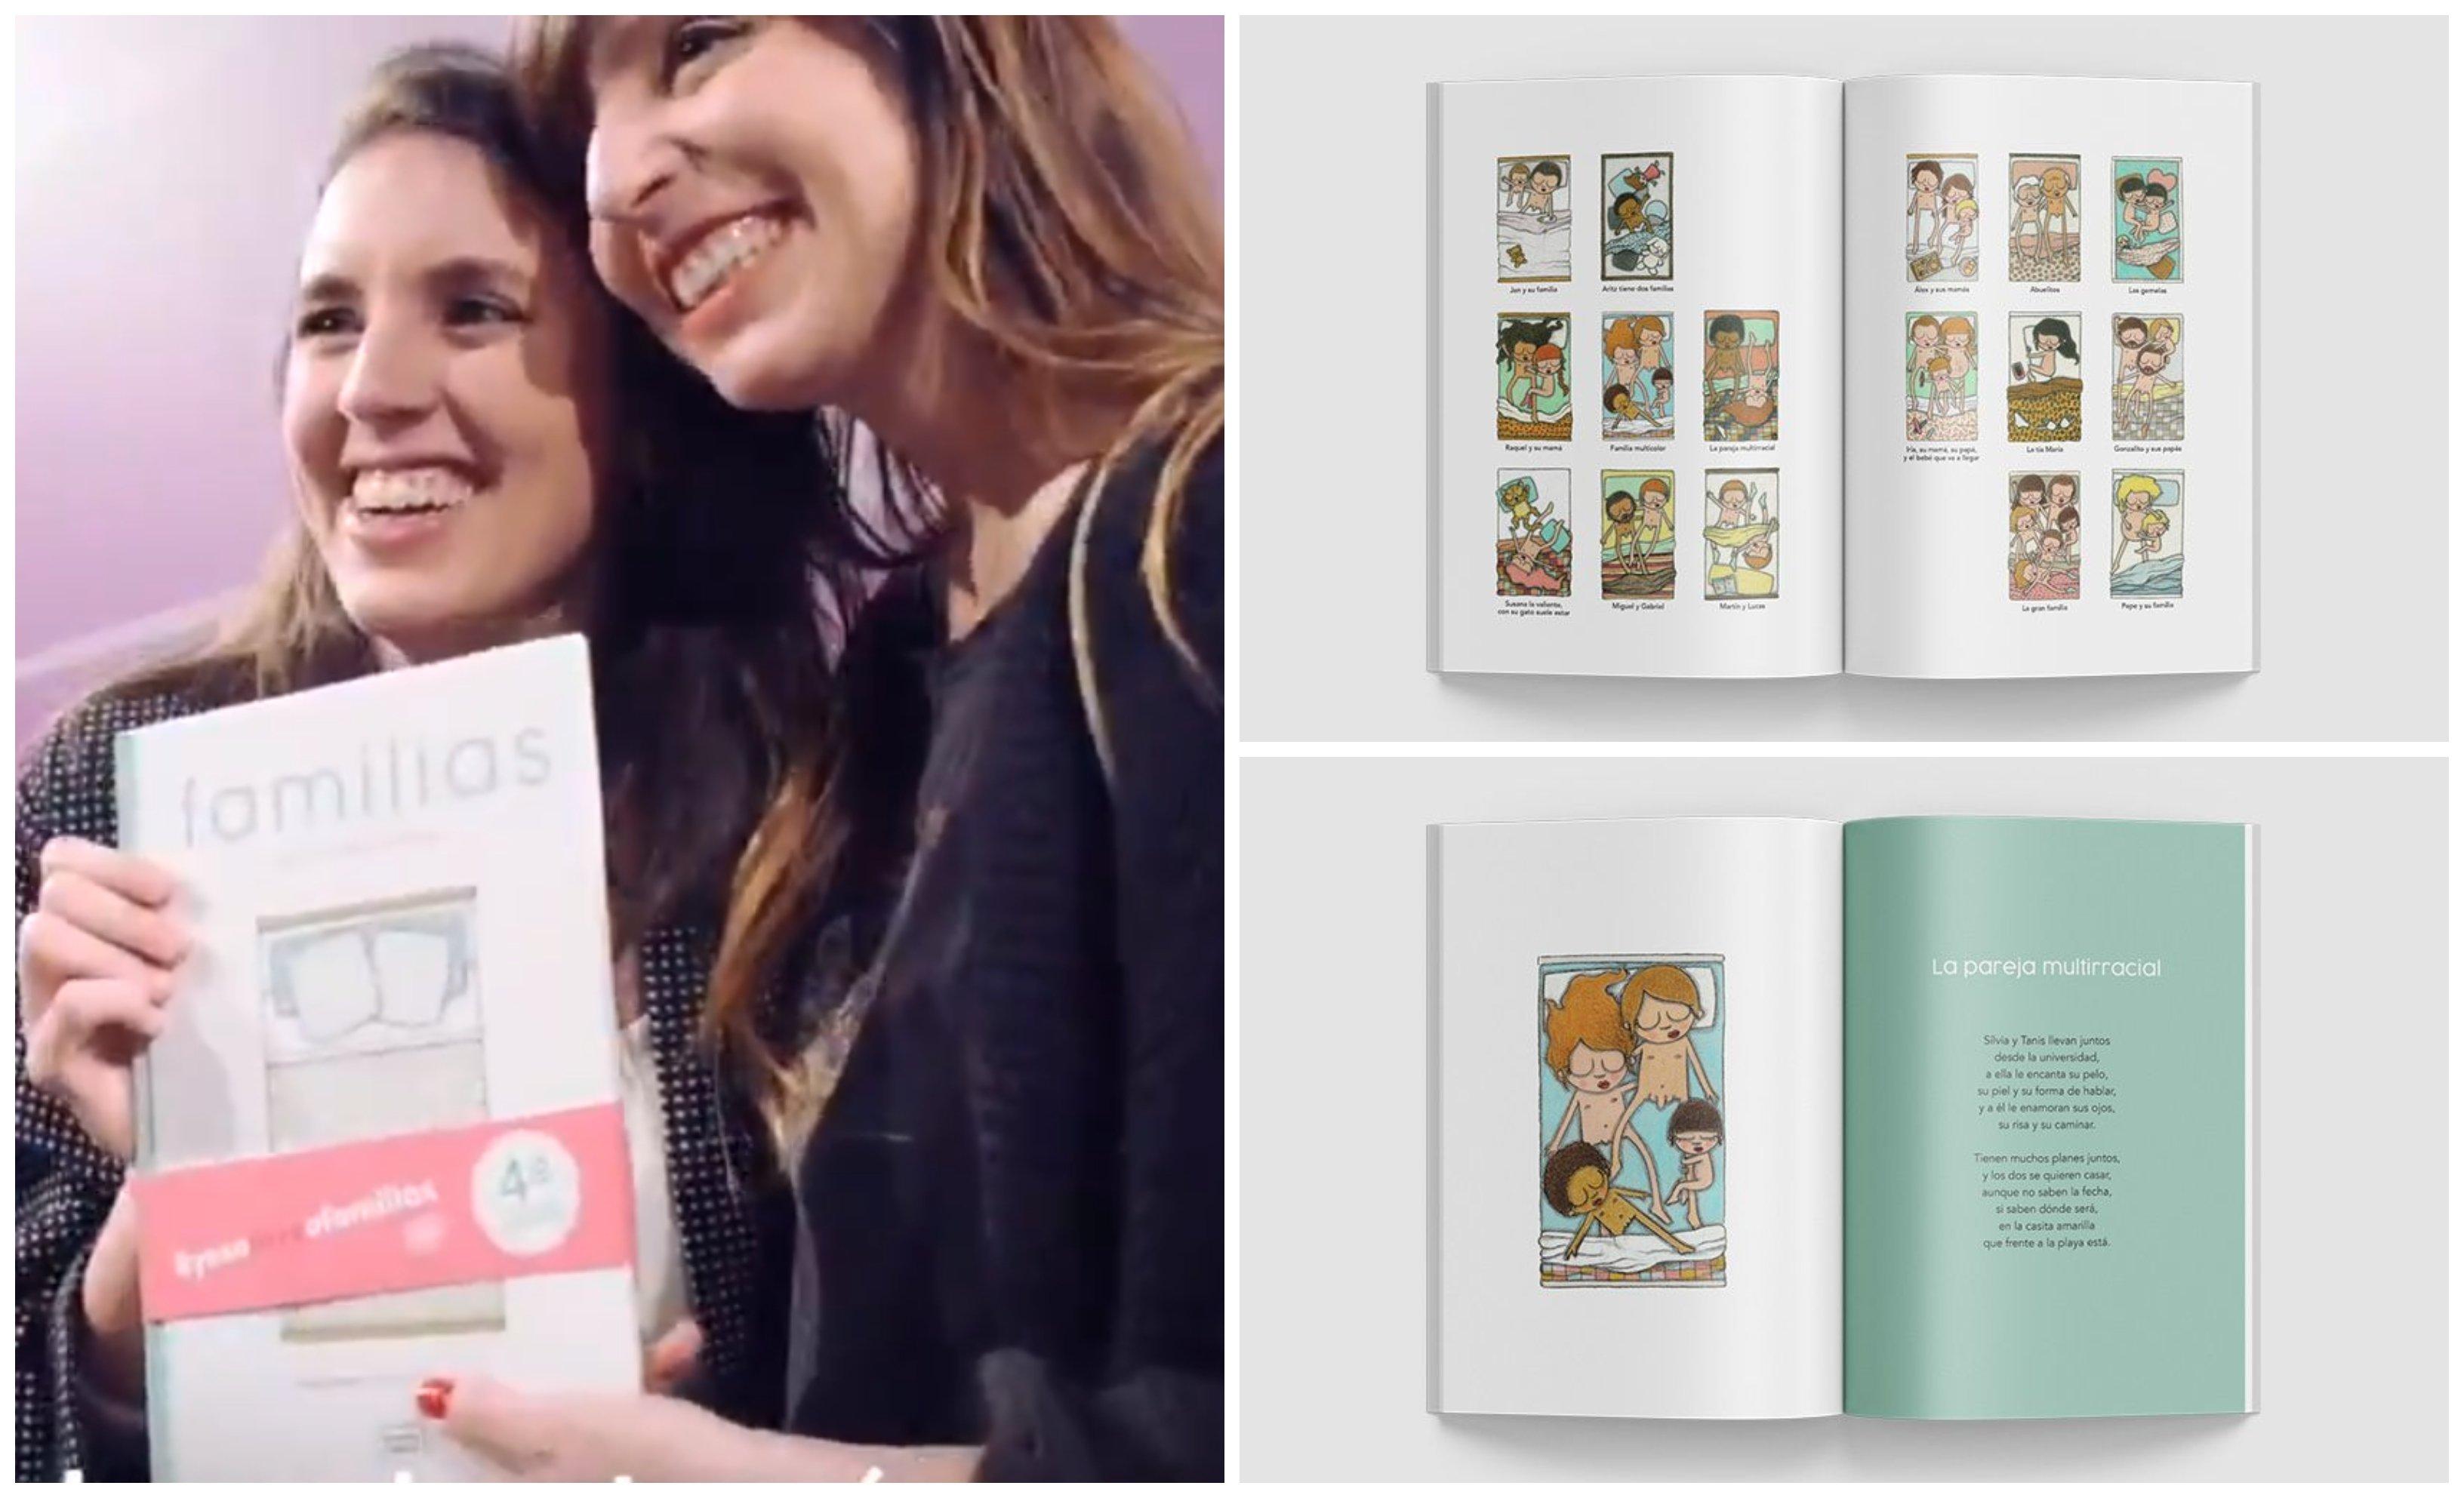 La ministra de Igualdad promociona un libro que enseña a niñas de 2 años cómo ser madres solteras. ¡Toma ya!